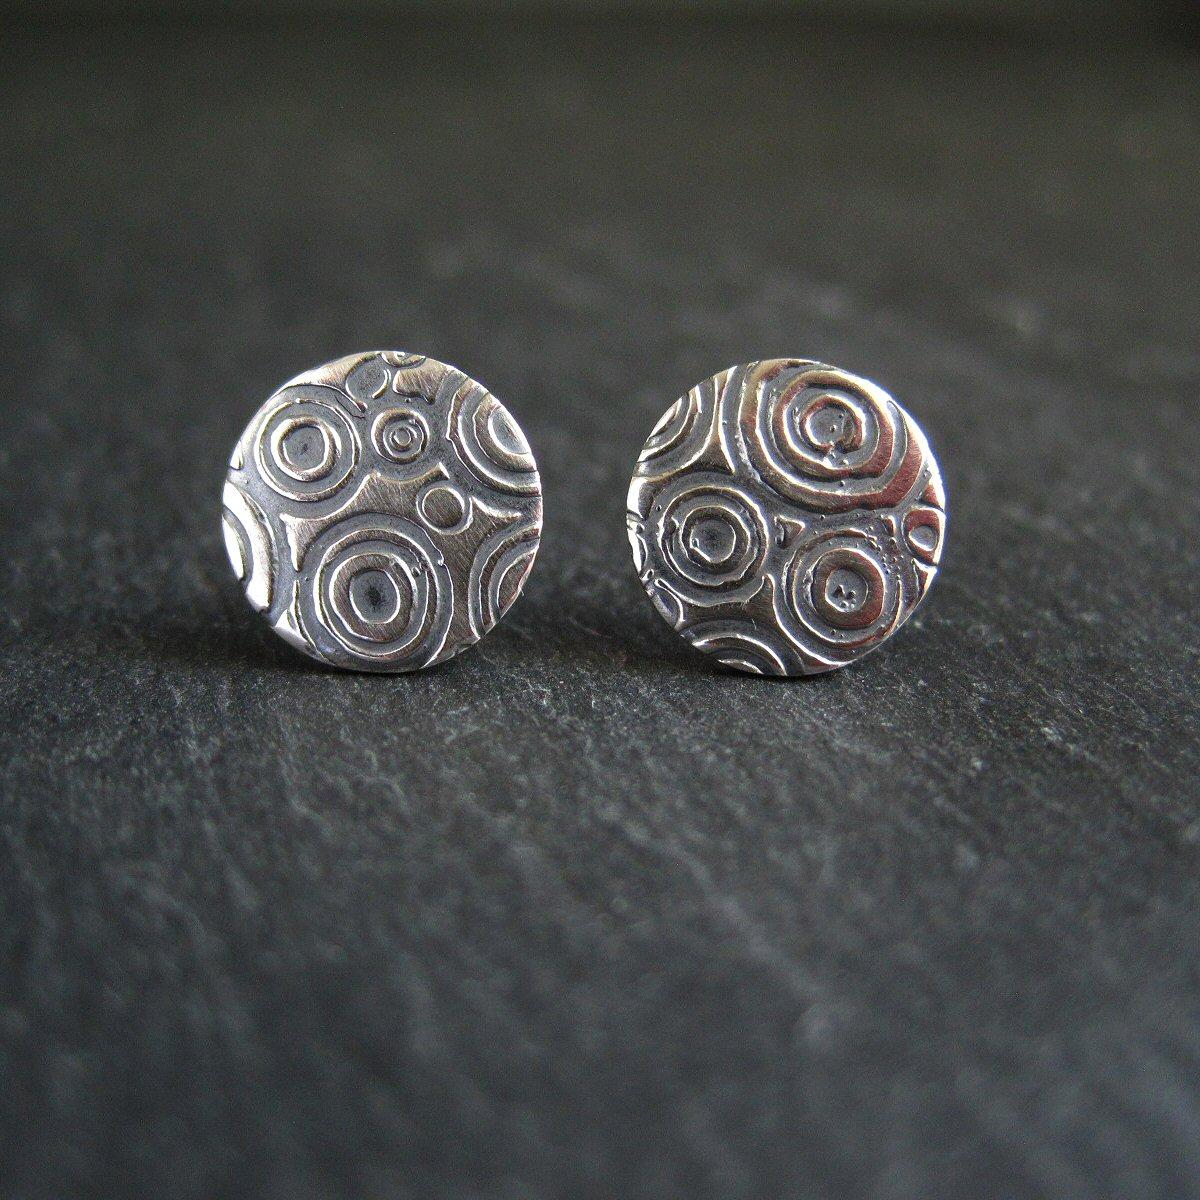 sterling silver embossed stud earrings © Cinnamon Jewellery 2015